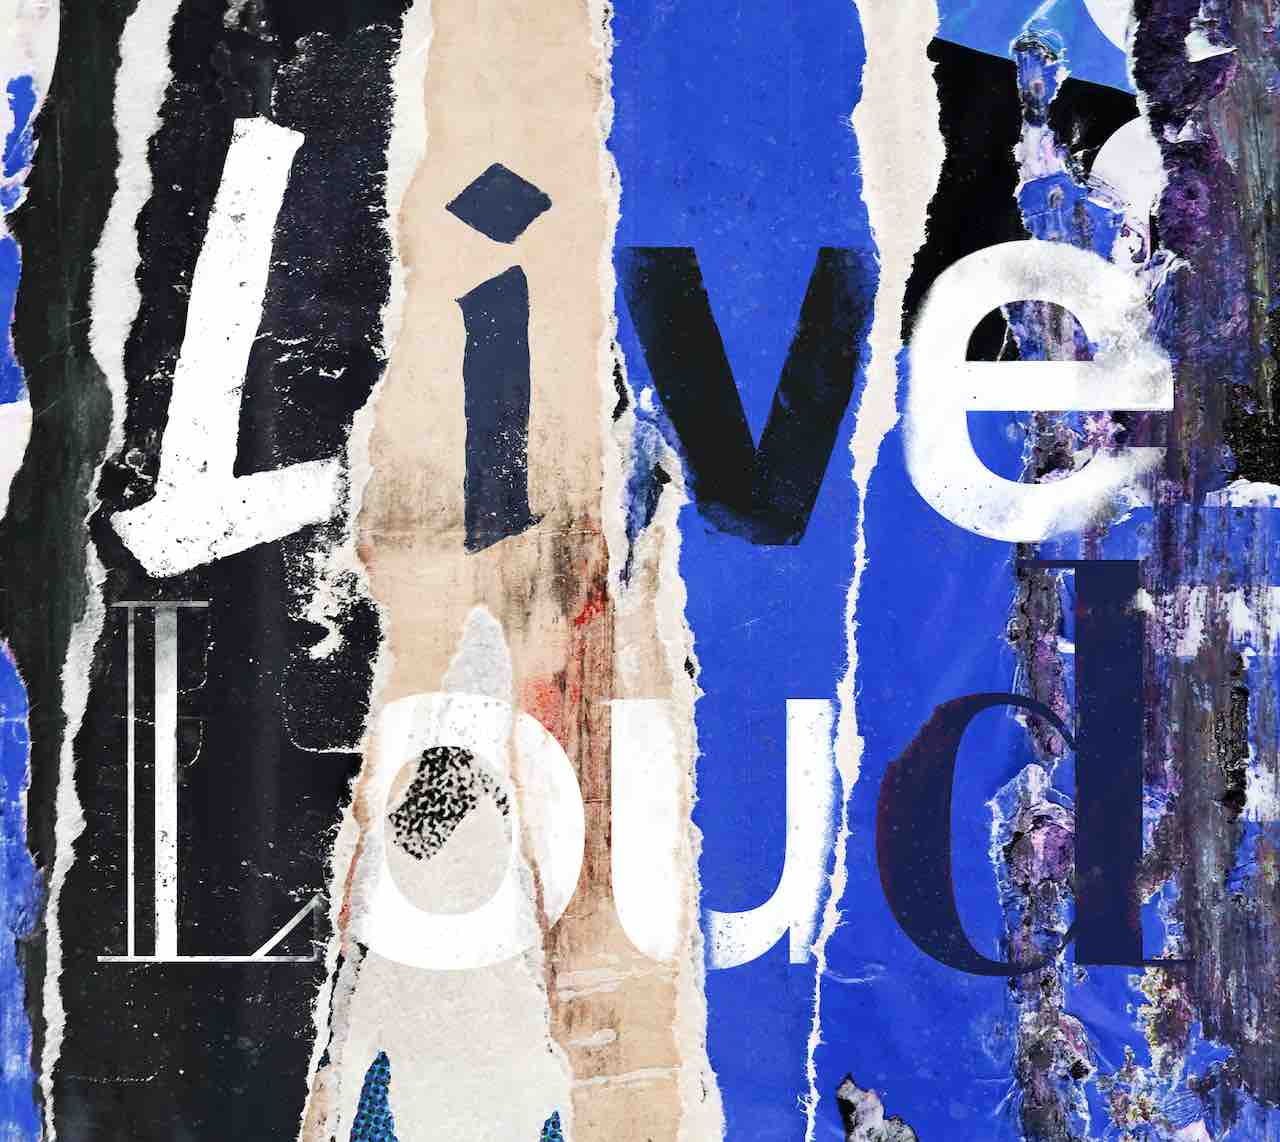 THE YELLOW MONKEY、結成30周年記念のドームツアーから厳選された楽曲を収録した20年ぶりのライブアルバムが完成!